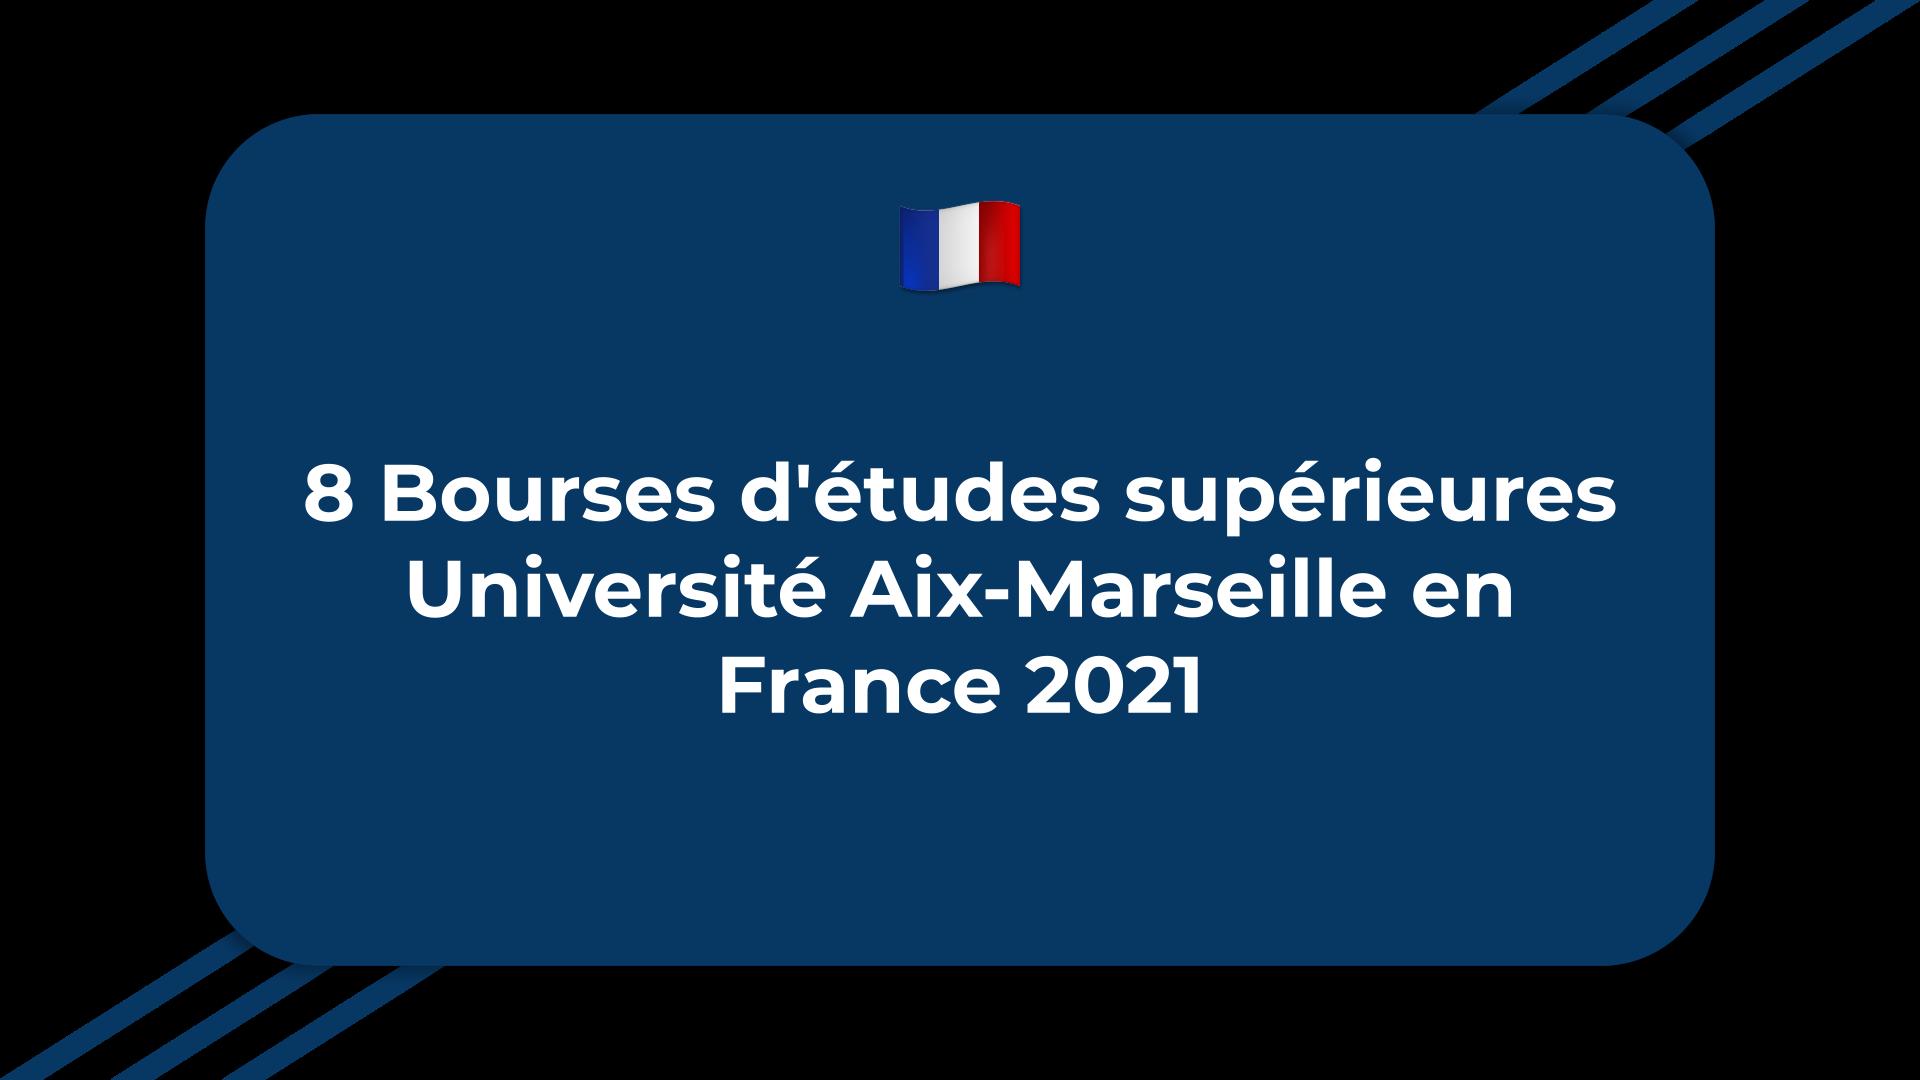 Bourses d'études supérieures Université Aix-Marseille